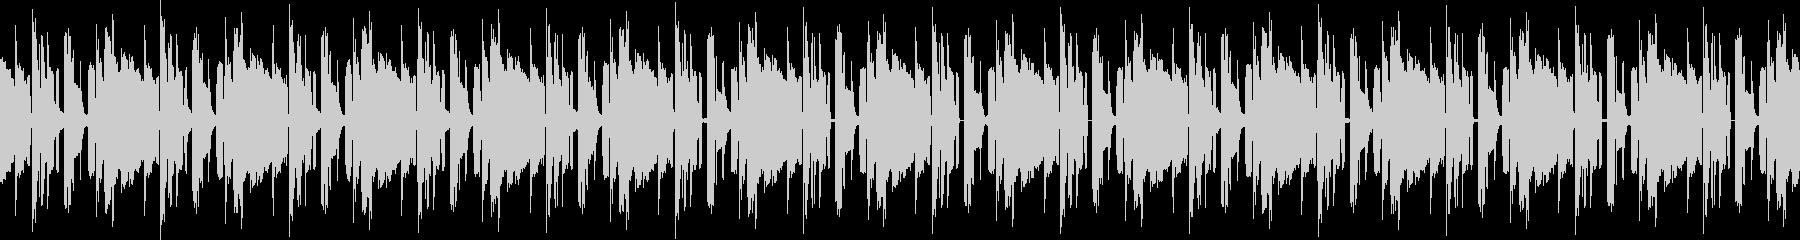 Loop Music (BGM)の未再生の波形